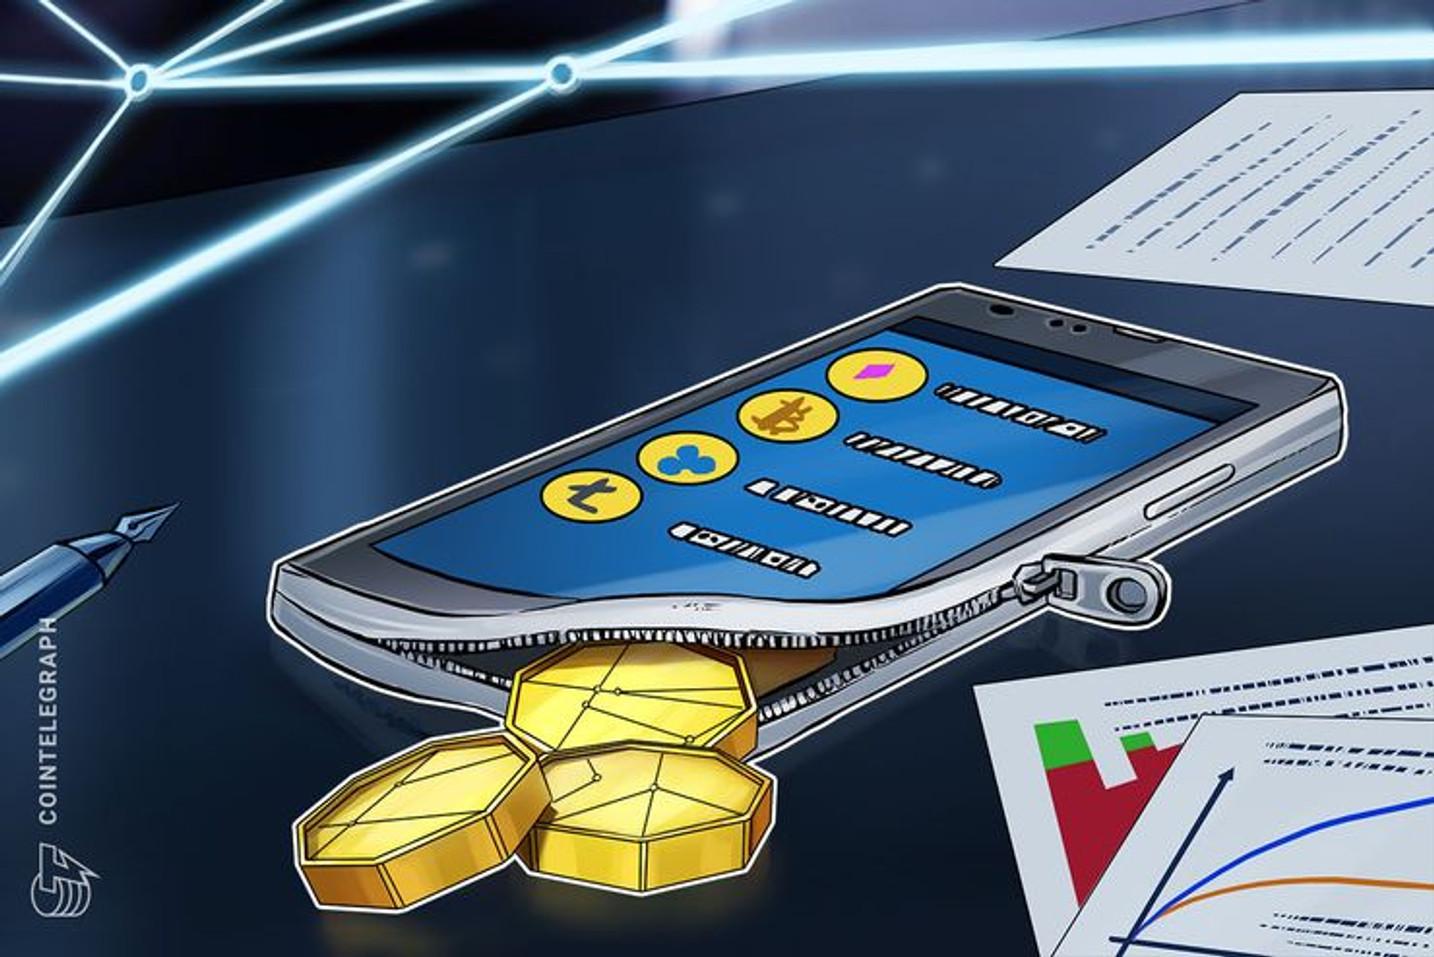 La fintech mexicana Bitrus lanza una wallet y una red social para inversionistas